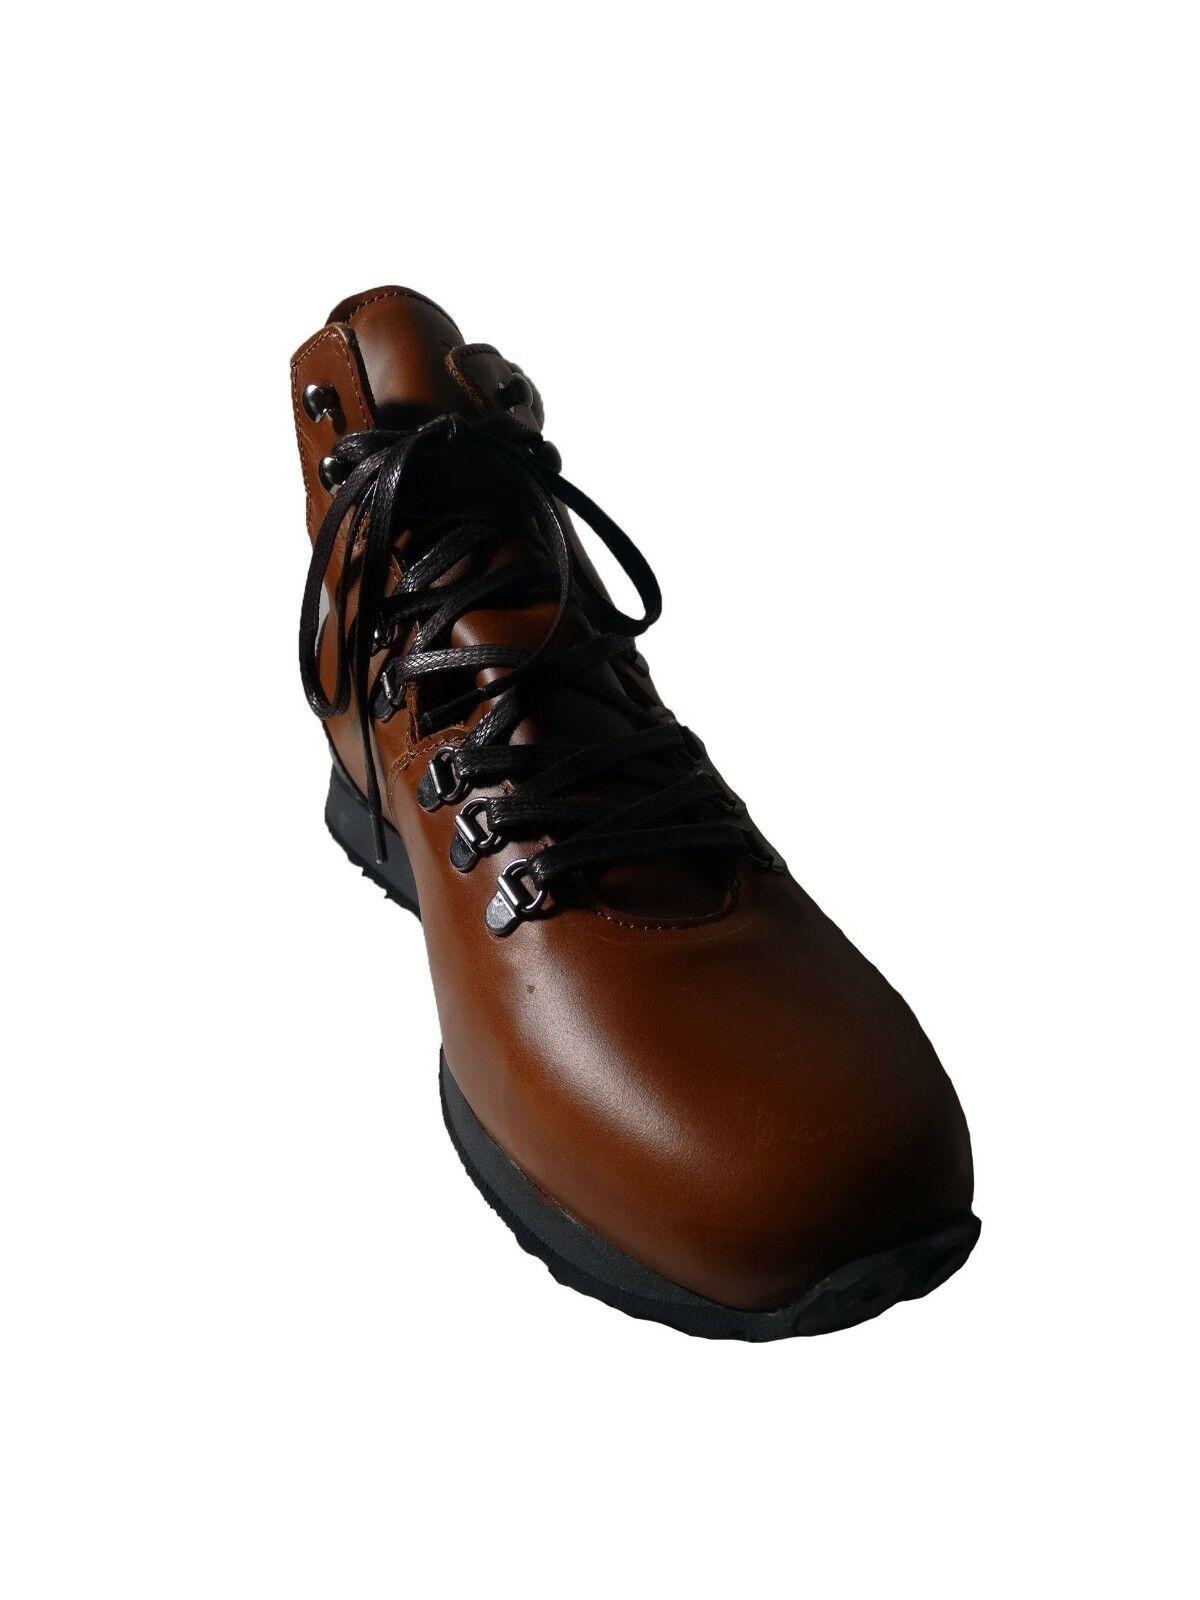 NIB Men Campana De Goma botas Impermeables Concord Cuero Camel M-US